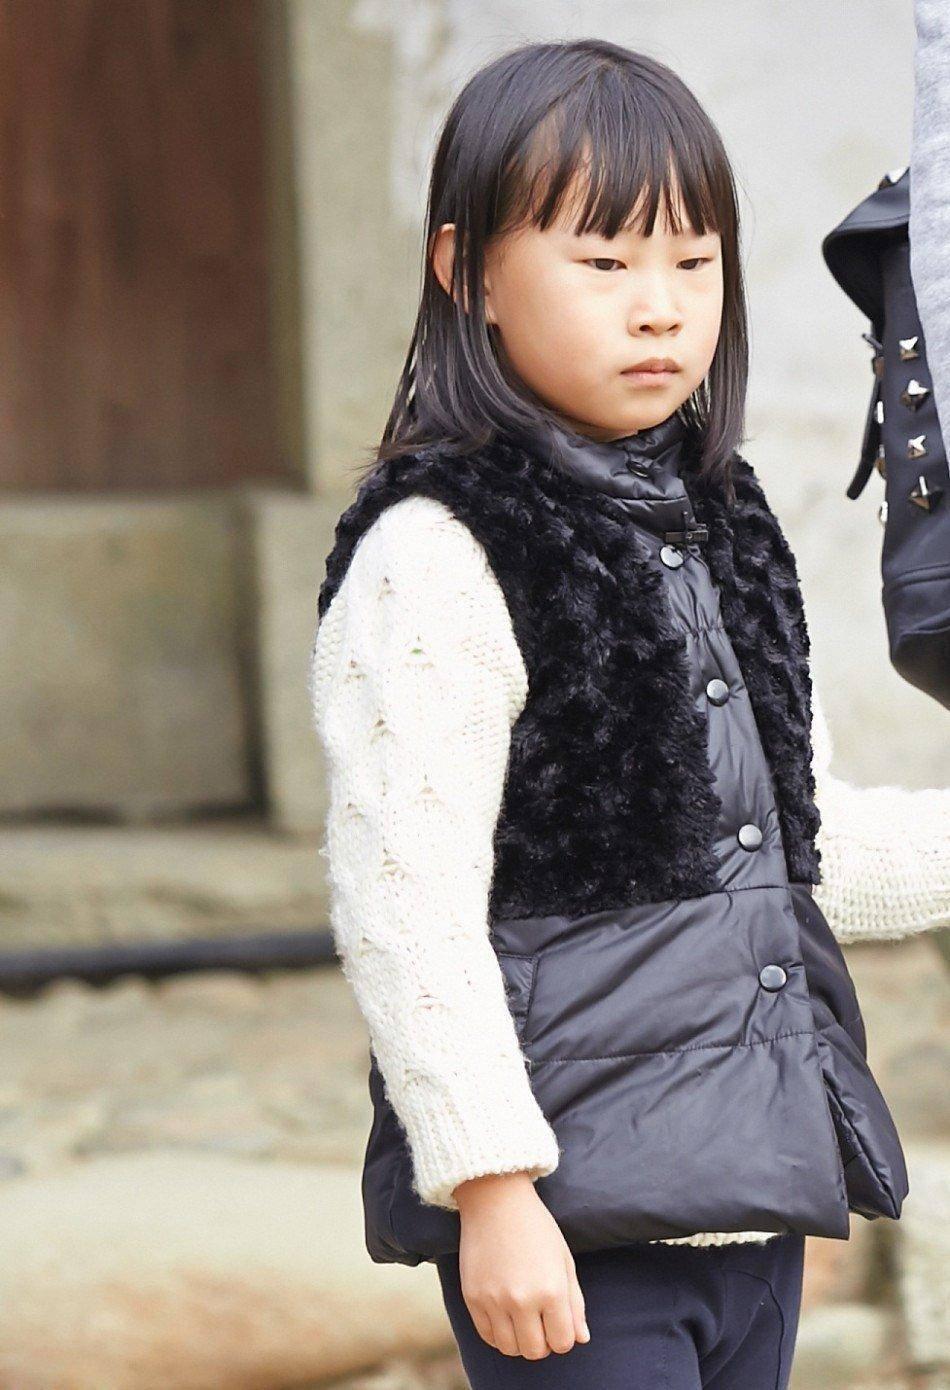 """小沈阳女儿""""整容式""""长大,曾经因丑遭网暴,长大后神似韩国女星  第4张"""